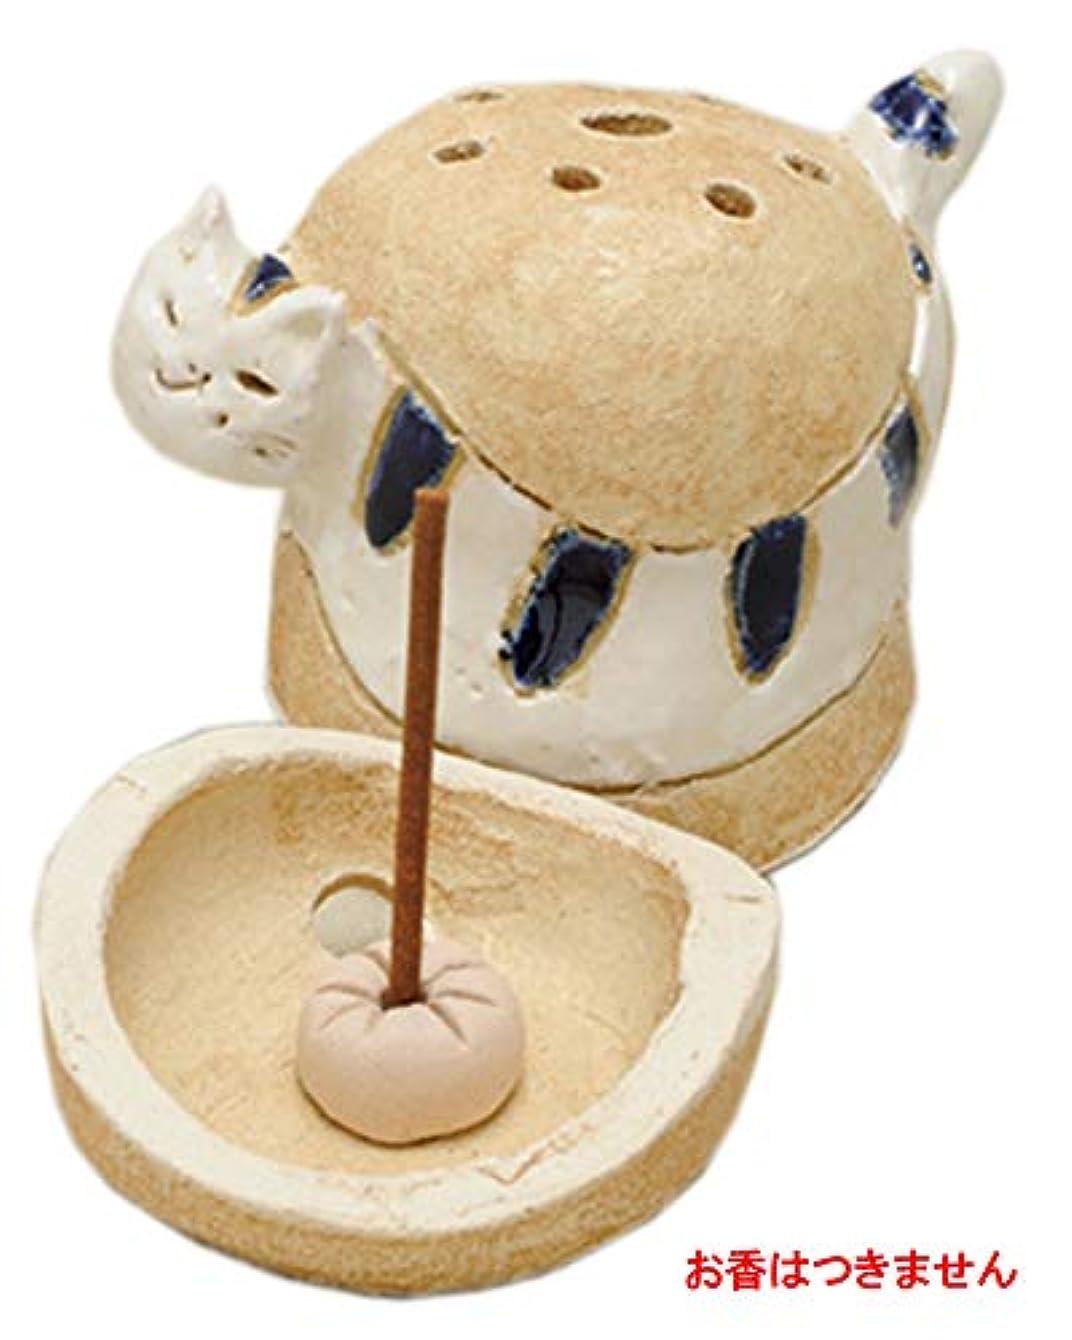 島ねこ 島しまネコ 香炉(青) [R5.5xH8cm] HANDMADE プレゼント ギフト 和食器 かわいい インテリア